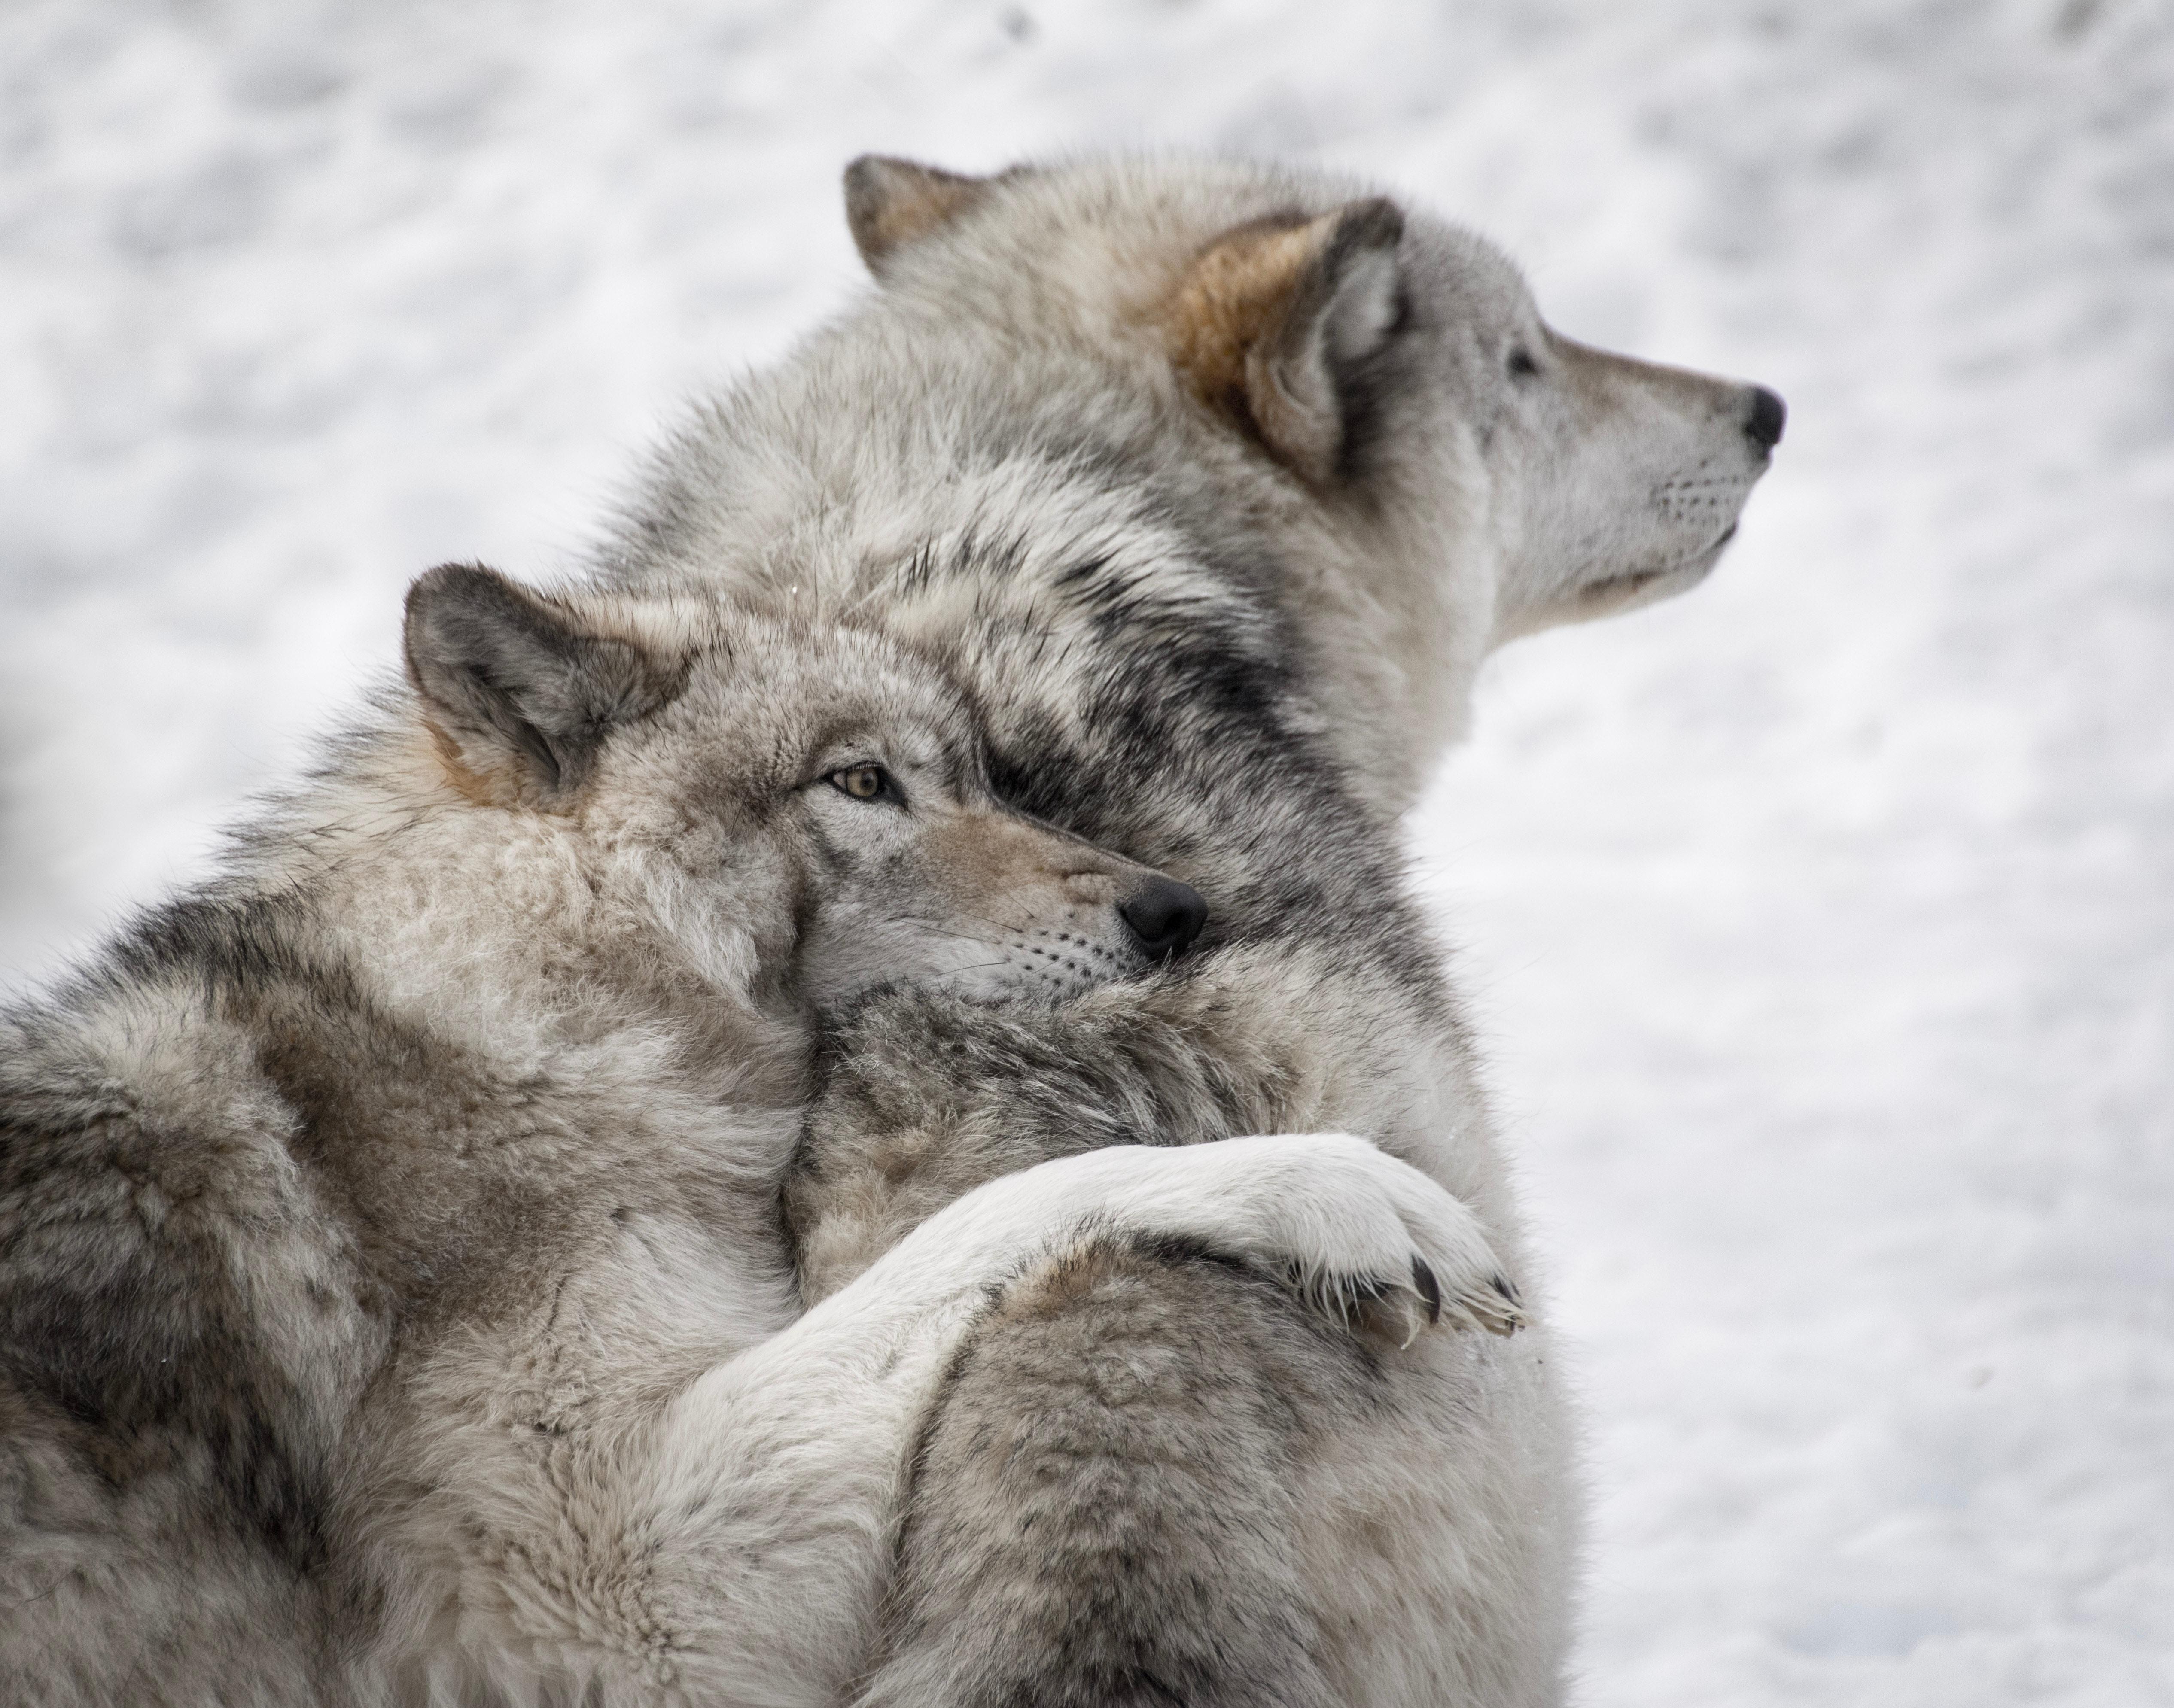 53958 Hintergrundbild herunterladen Wölfe, Tiere, Hunde, Paar, Wilde Natur, Wildlife, Pflege - Bildschirmschoner und Bilder kostenlos